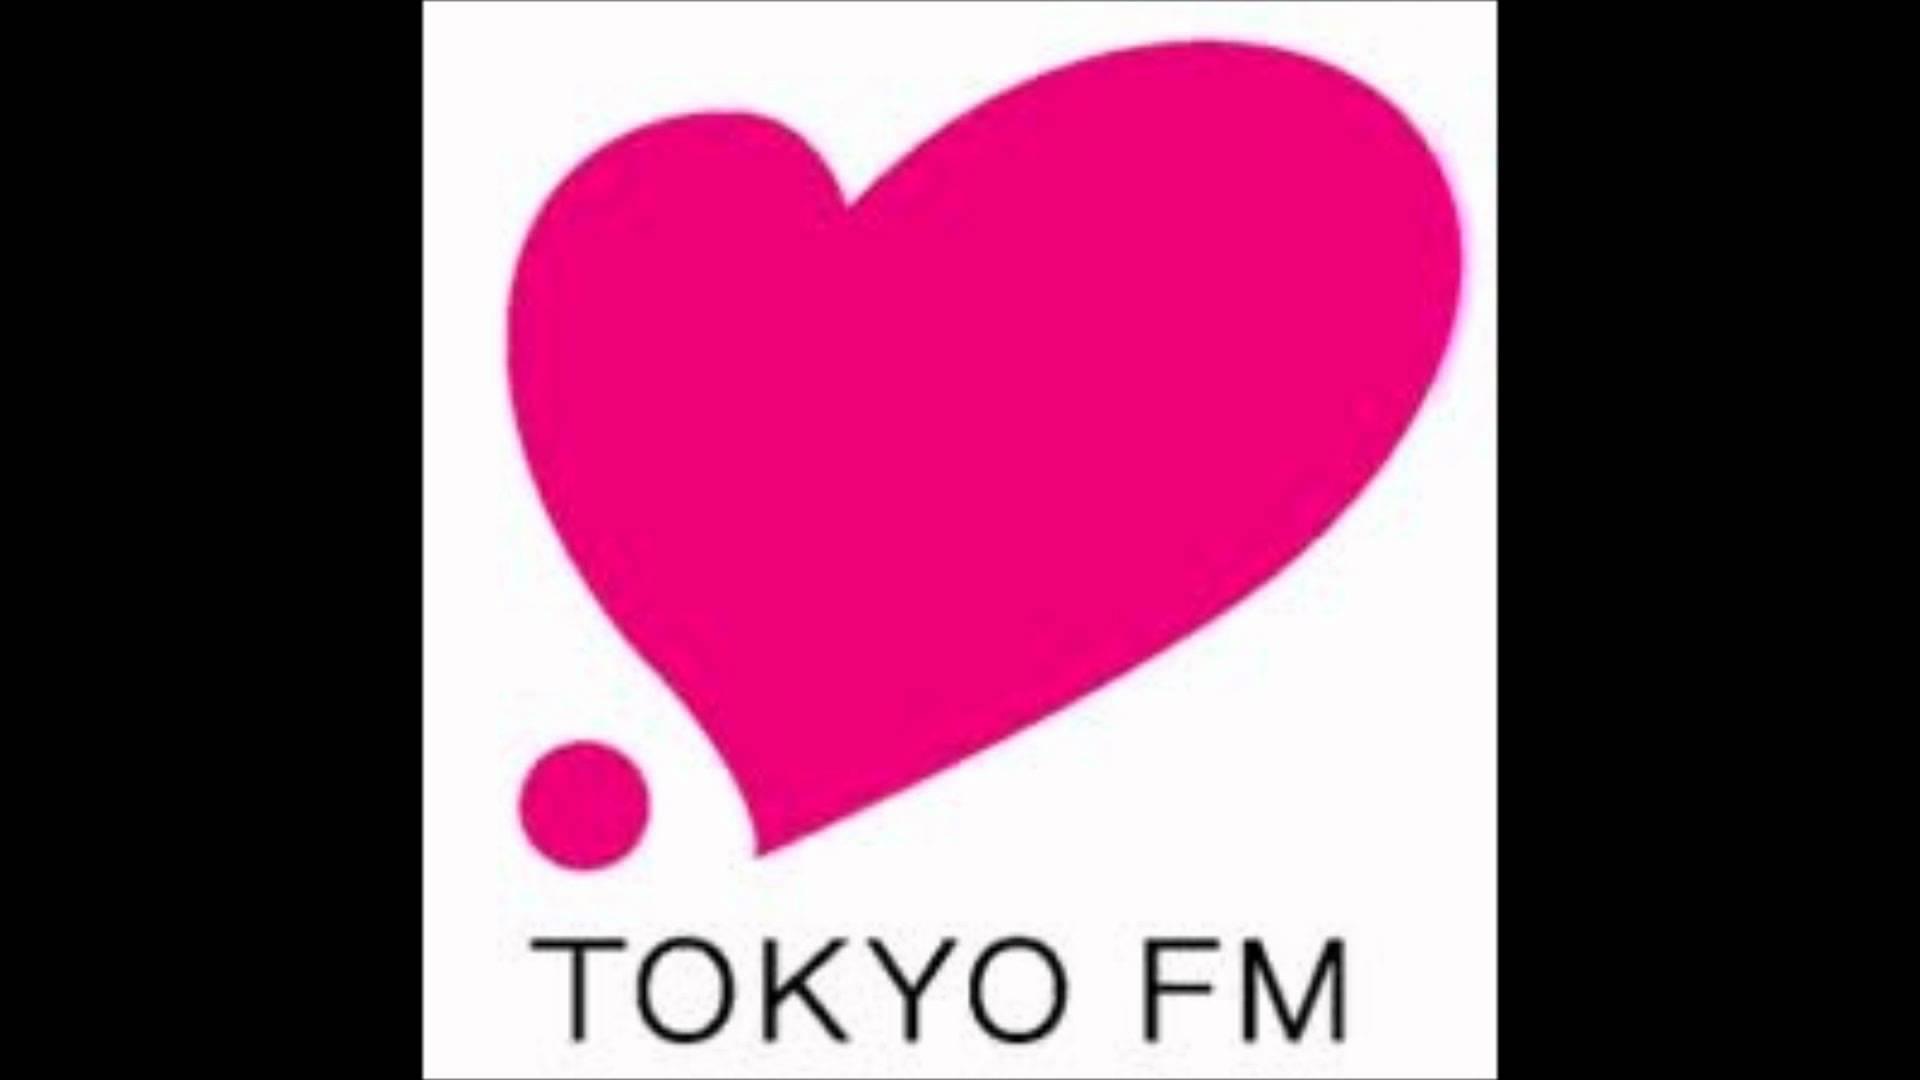 TOKYO FMについて語ろう